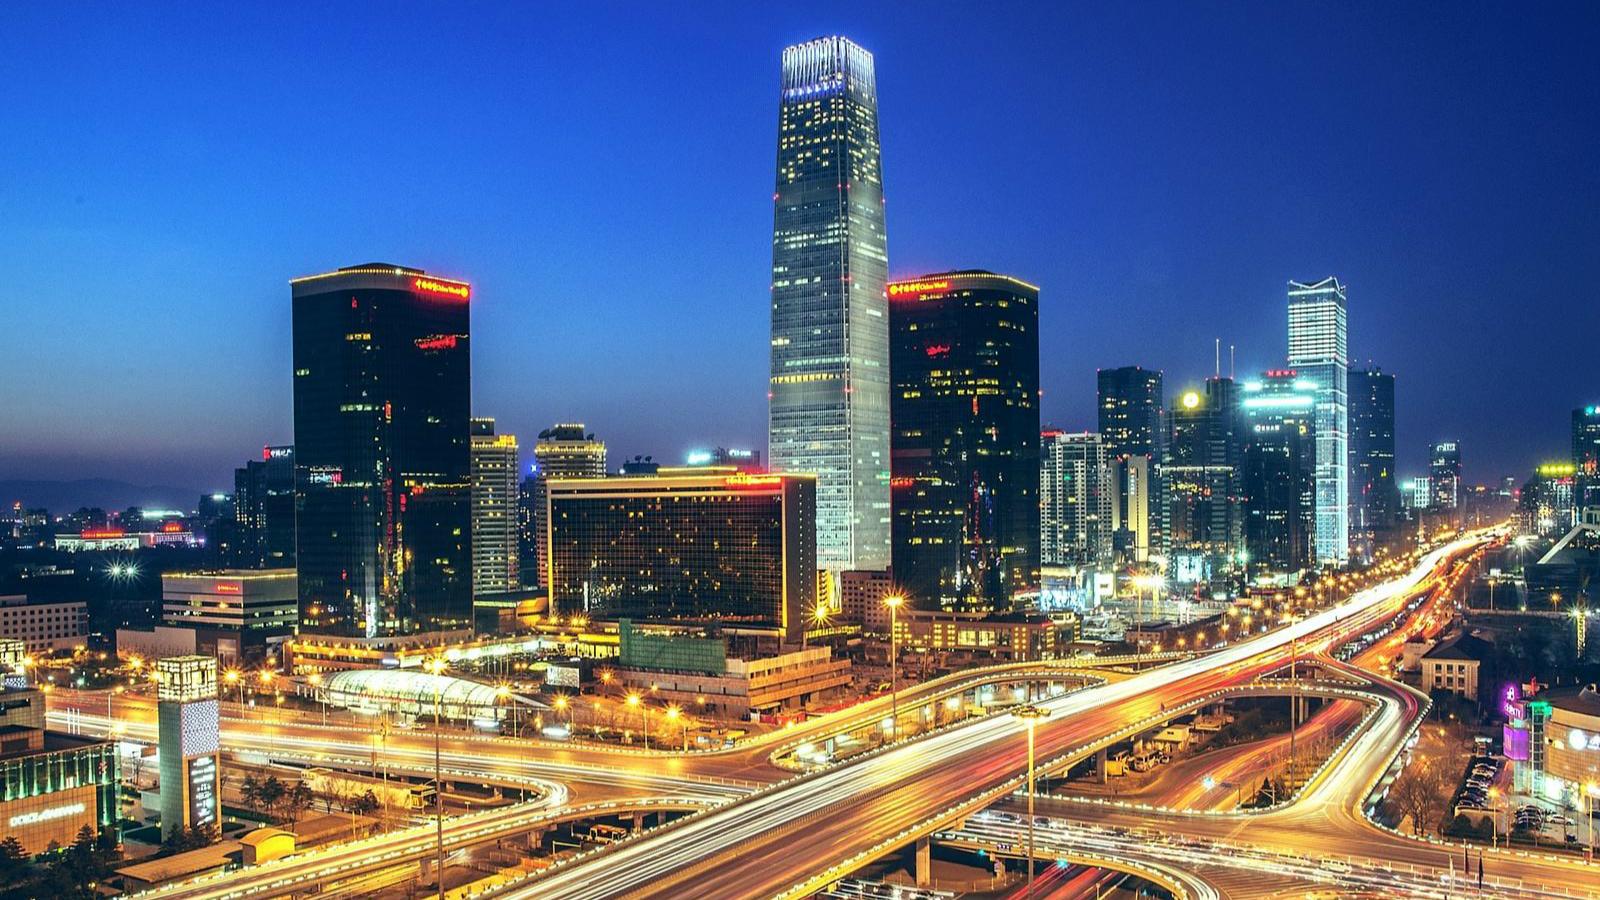 北京今天阵风7级阳光将露脸 夜间最低温降至10℃